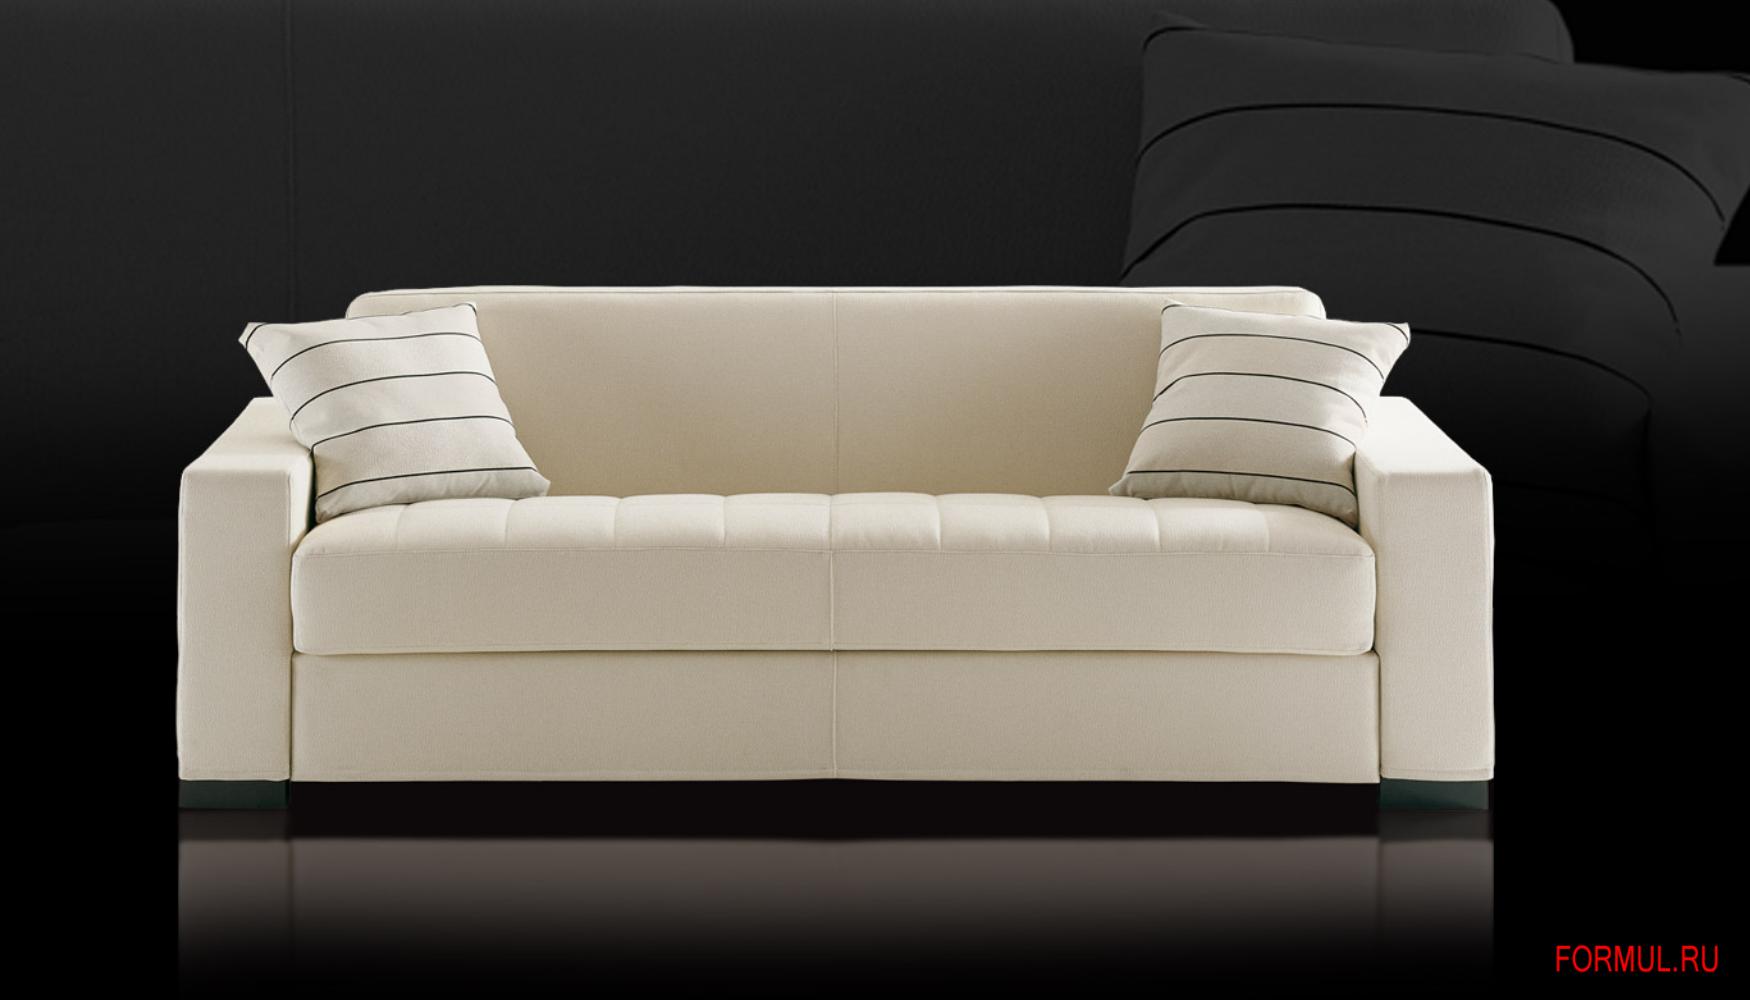 Диван кровать milano bedding matrix